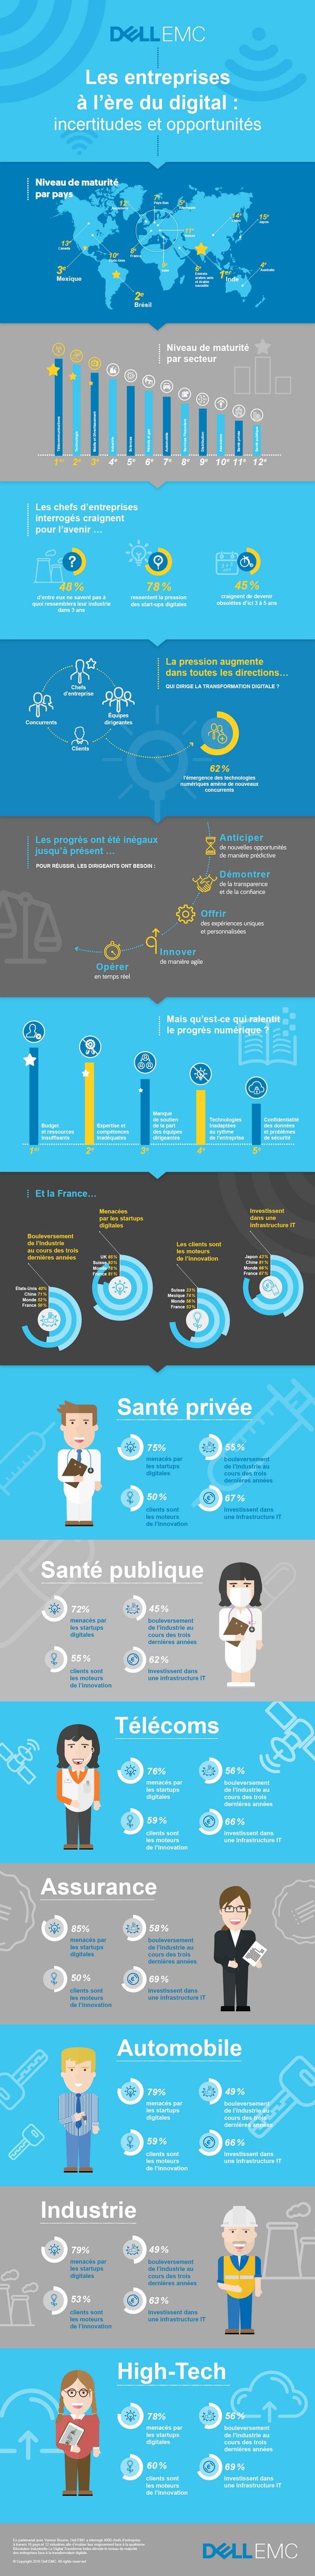 81% des dirigeants français craignent les startups digitales